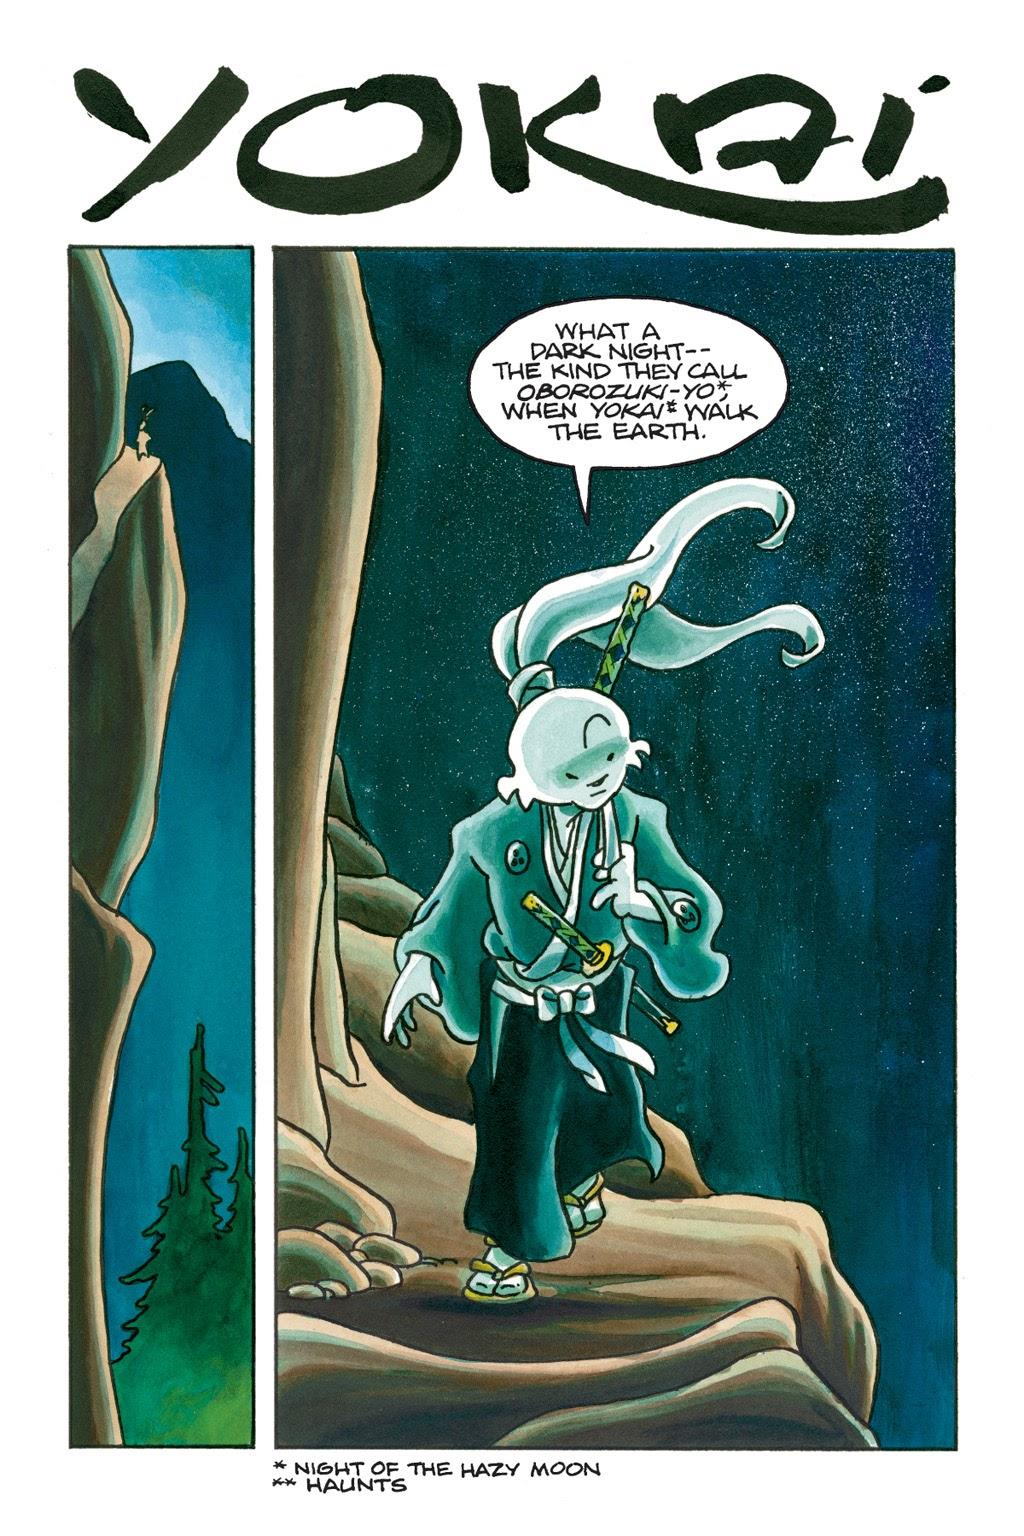 Read online Usagi Yojimbo: Yokai comic -  Issue # Full - 4